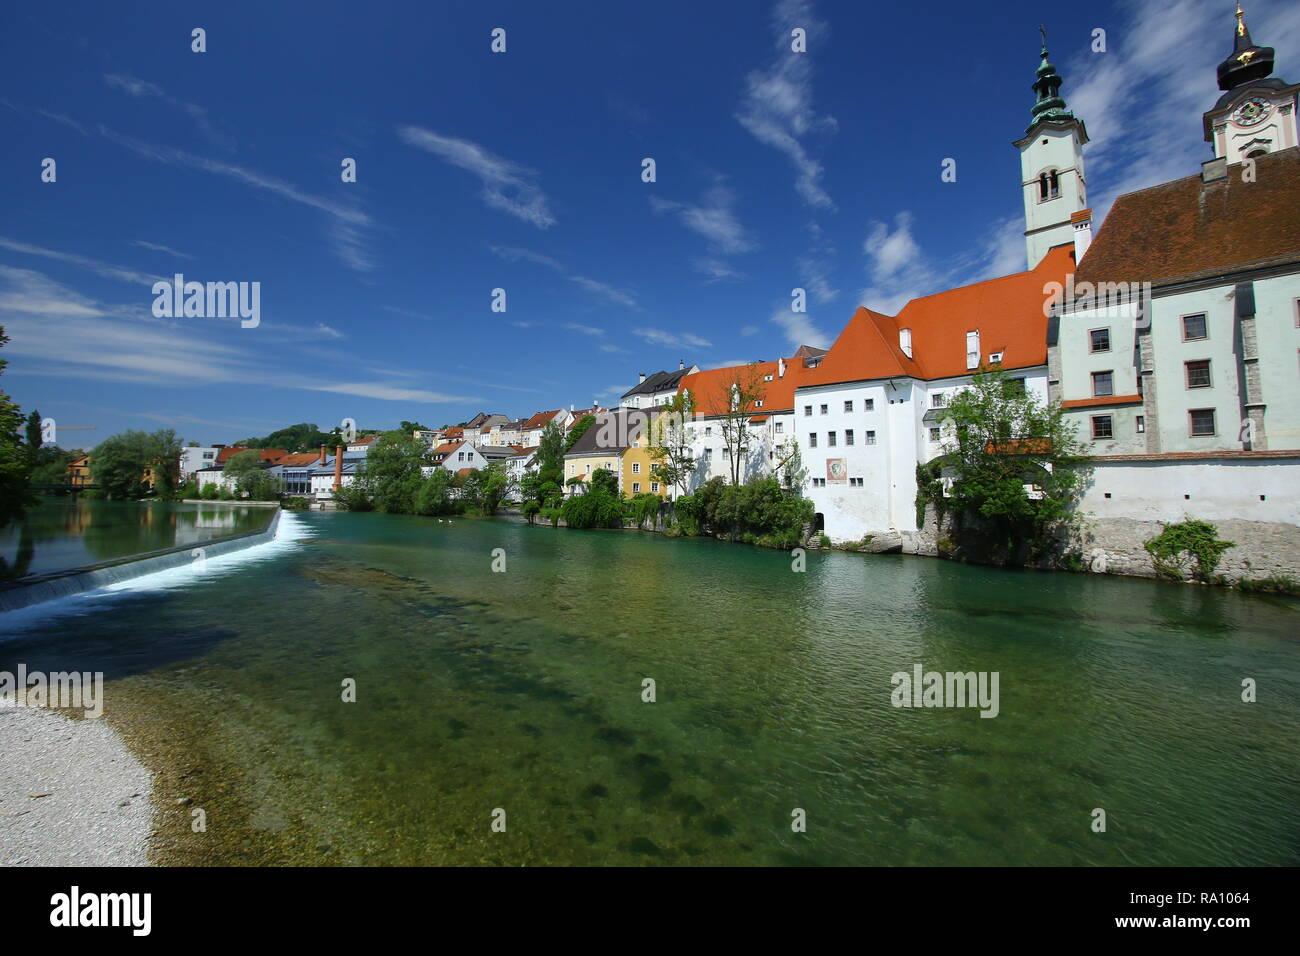 Stadt Steyr in Oberösterreich Geschichte und Natur in perfekter Kombination 2 Flüsse hier treffen Stockbild